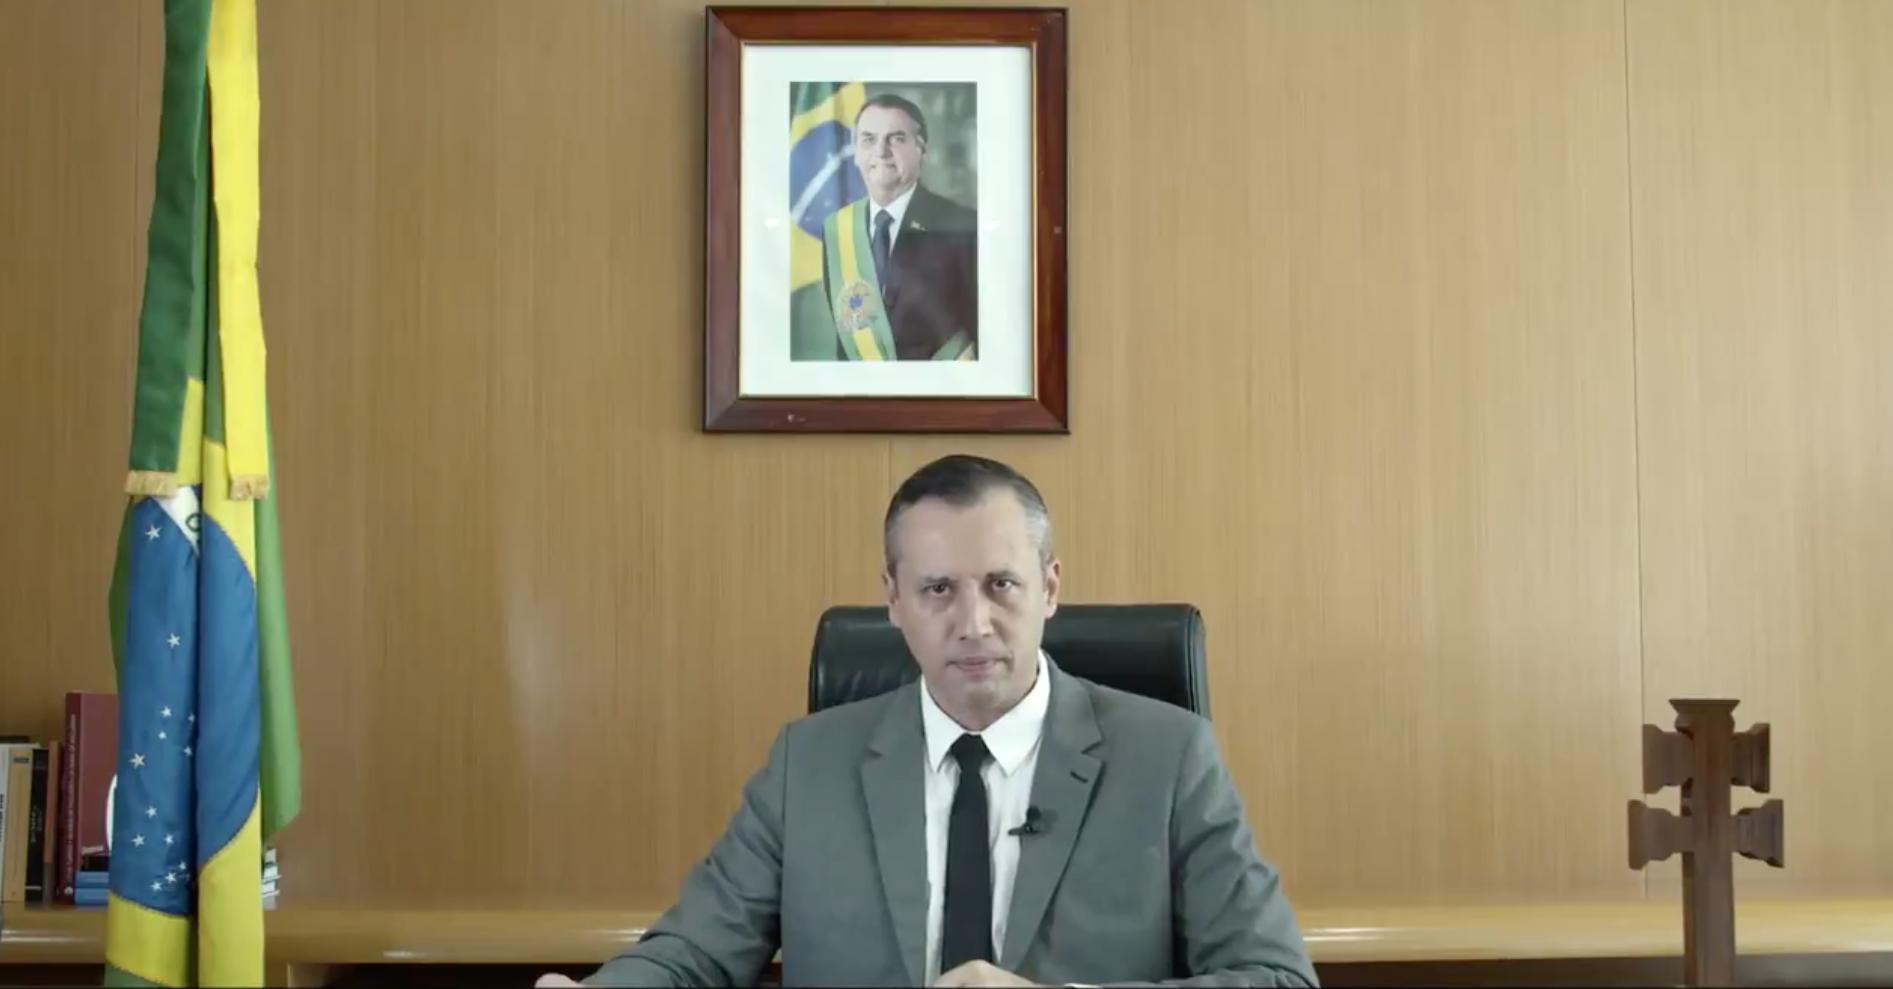 Em vídeo, o Secretário de Cultura, Roberto Alvim, copia trechos de um discurso nazista de Joseph Goebbels. Foto: Reprodução